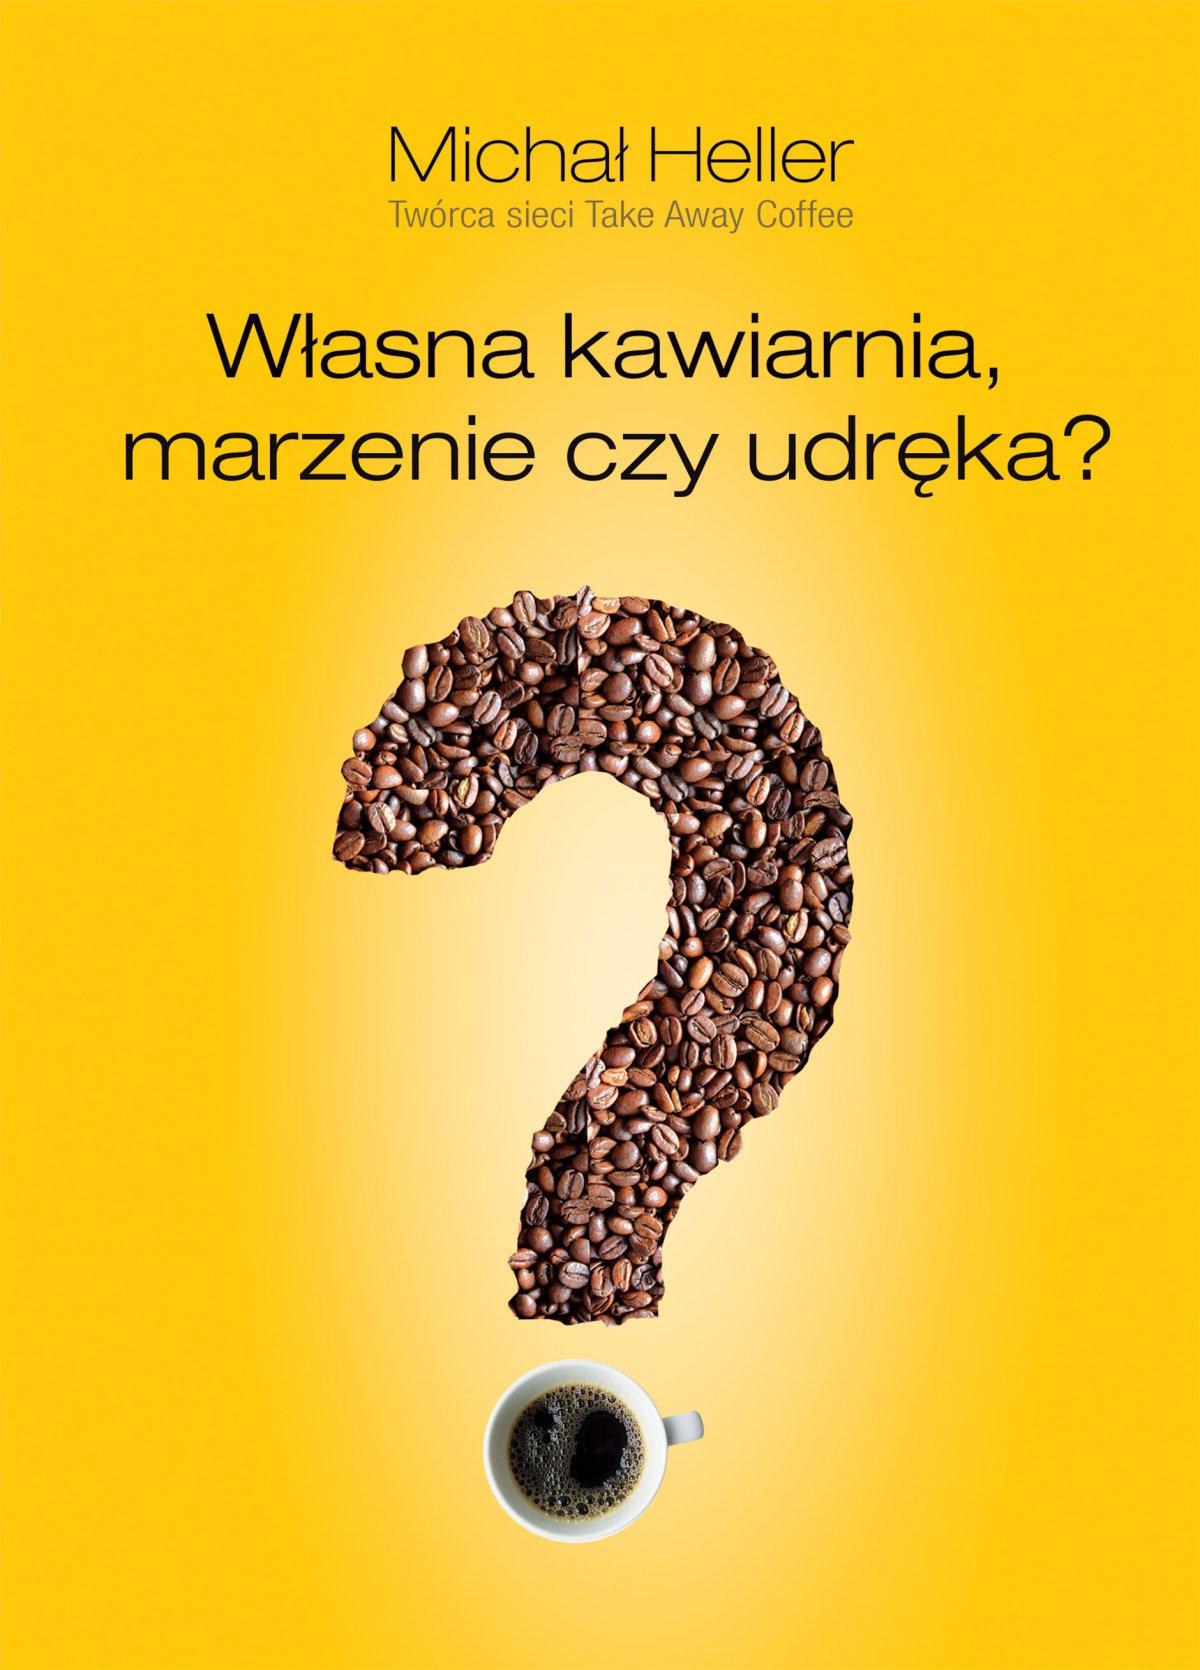 Własna kawiarnia. Marzenie czy udręka? - Ebook (Książka na Kindle) do pobrania w formacie MOBI